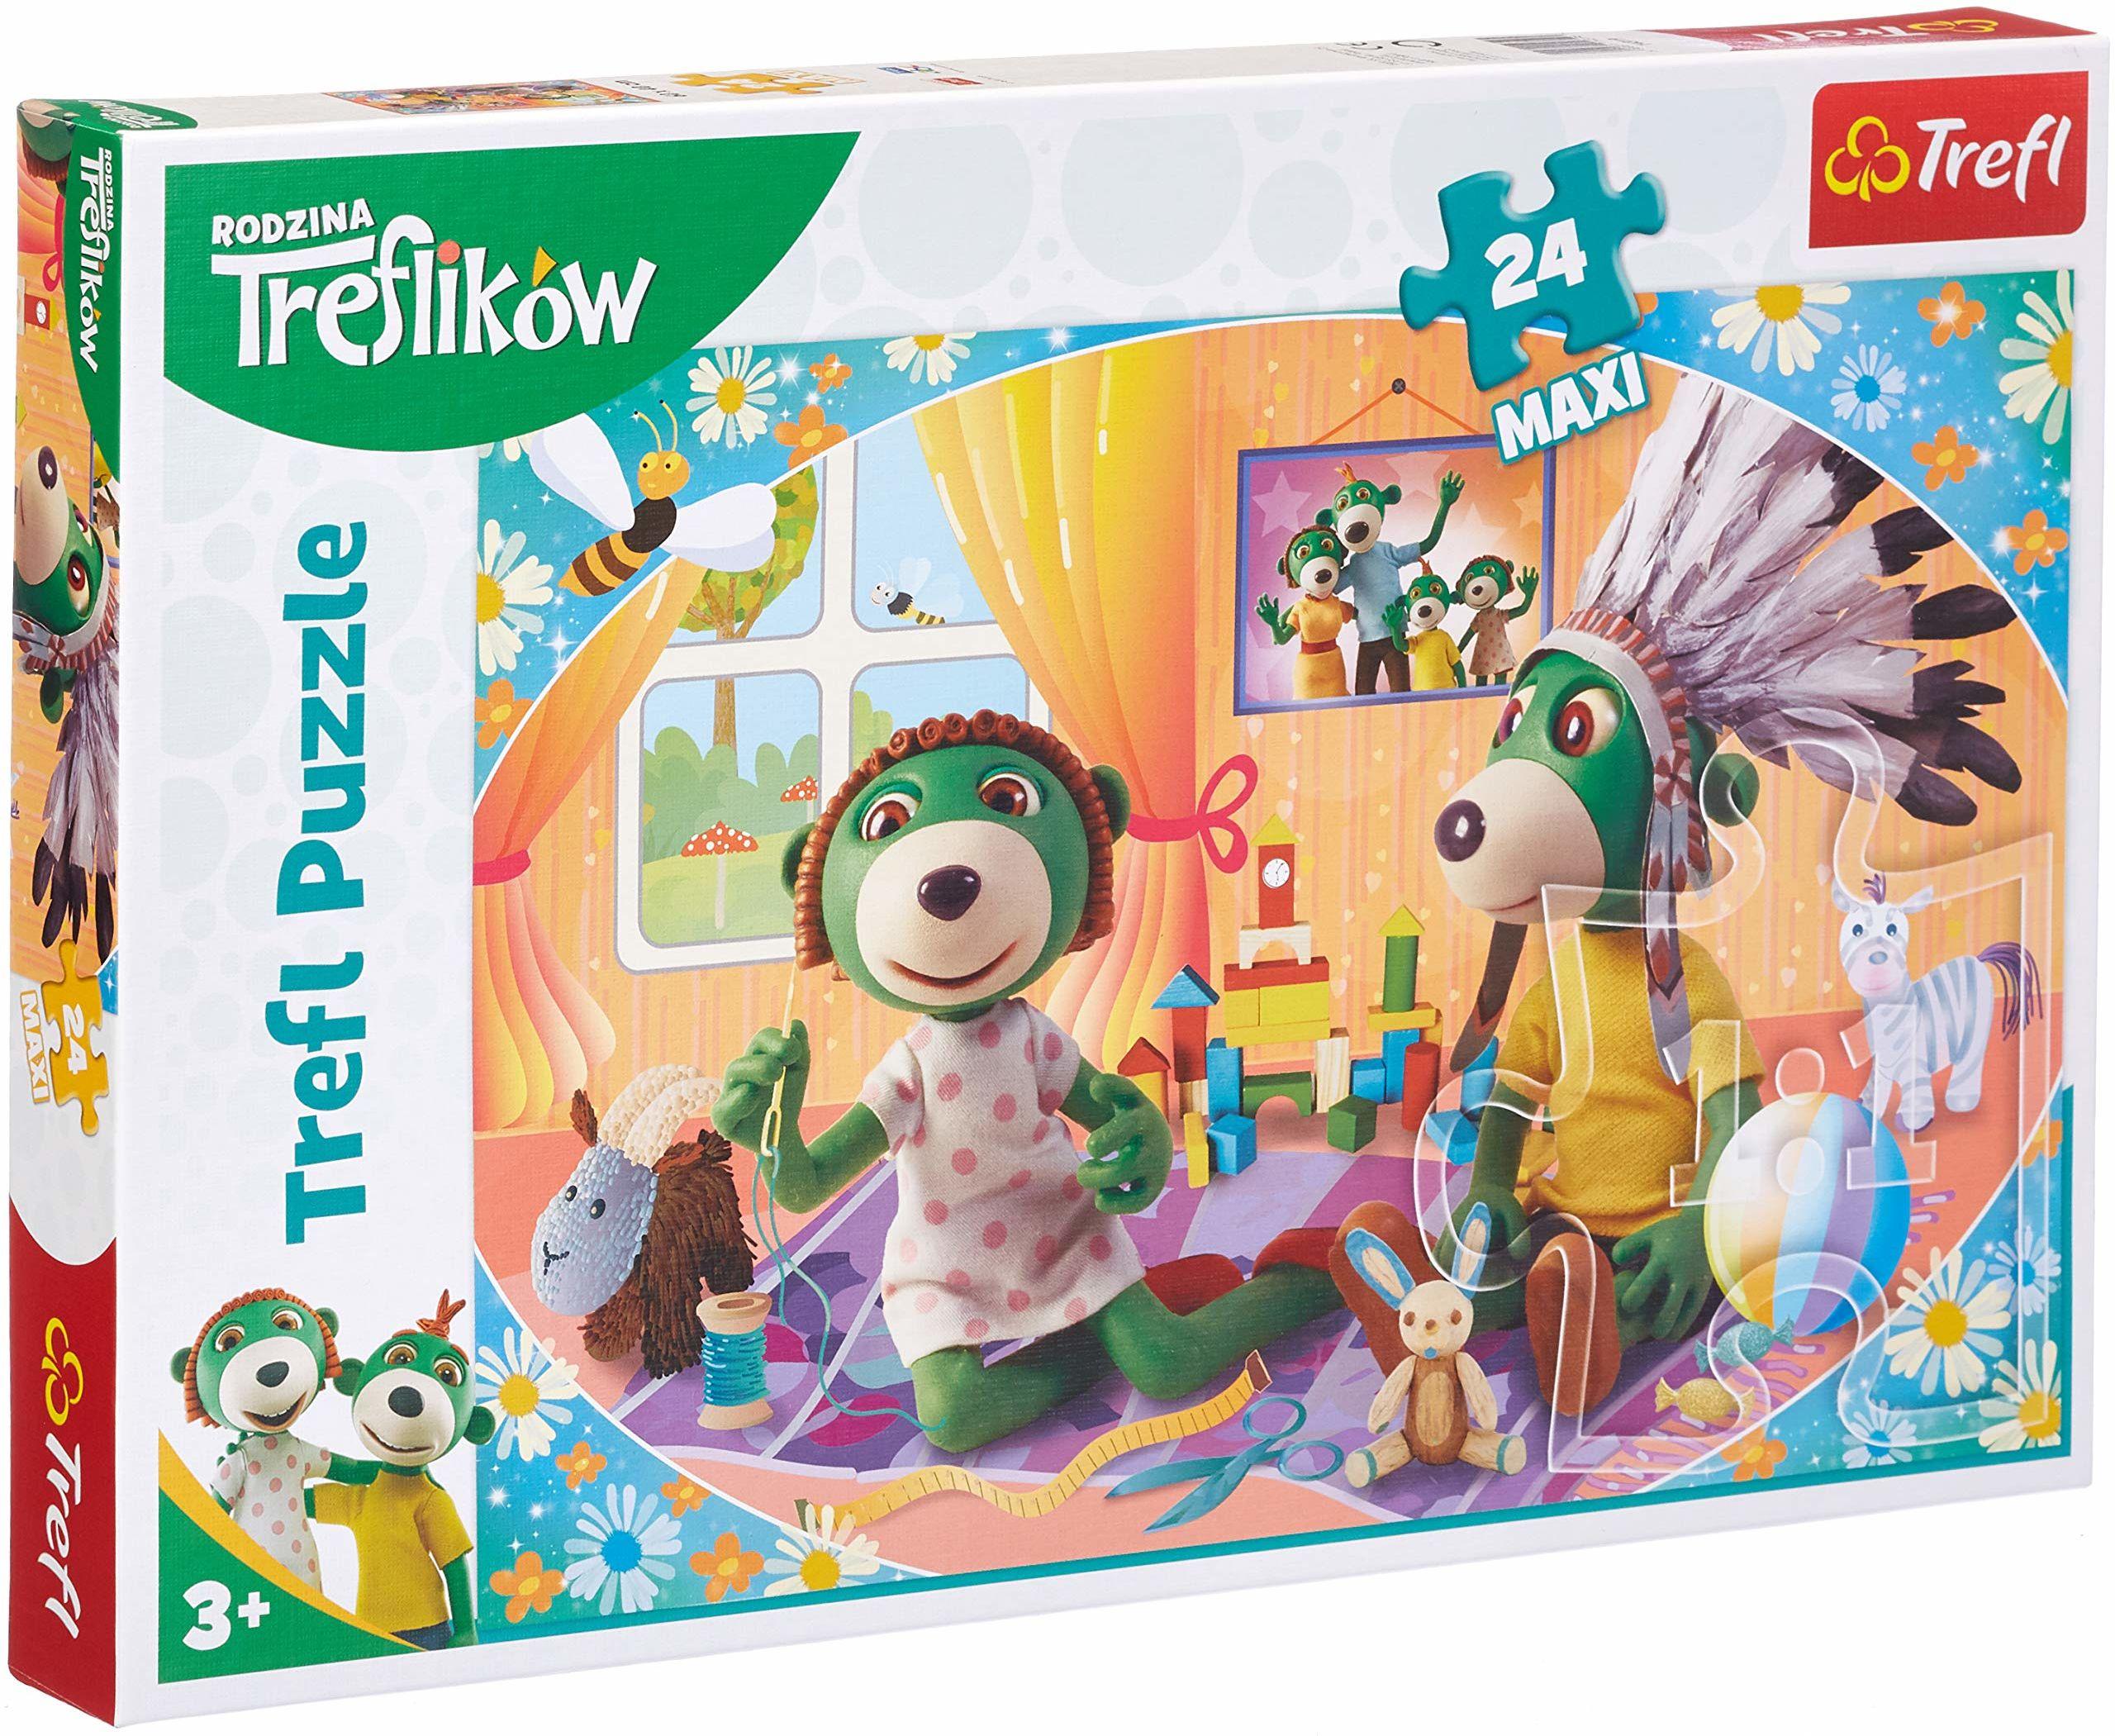 Trefl Bawmy się Razem Puzzle 24 Maxi o Wysokiej Jakości Nadruku dla Dzieci od 3 lat z Bohaterami Bajki Rodzina Treflików